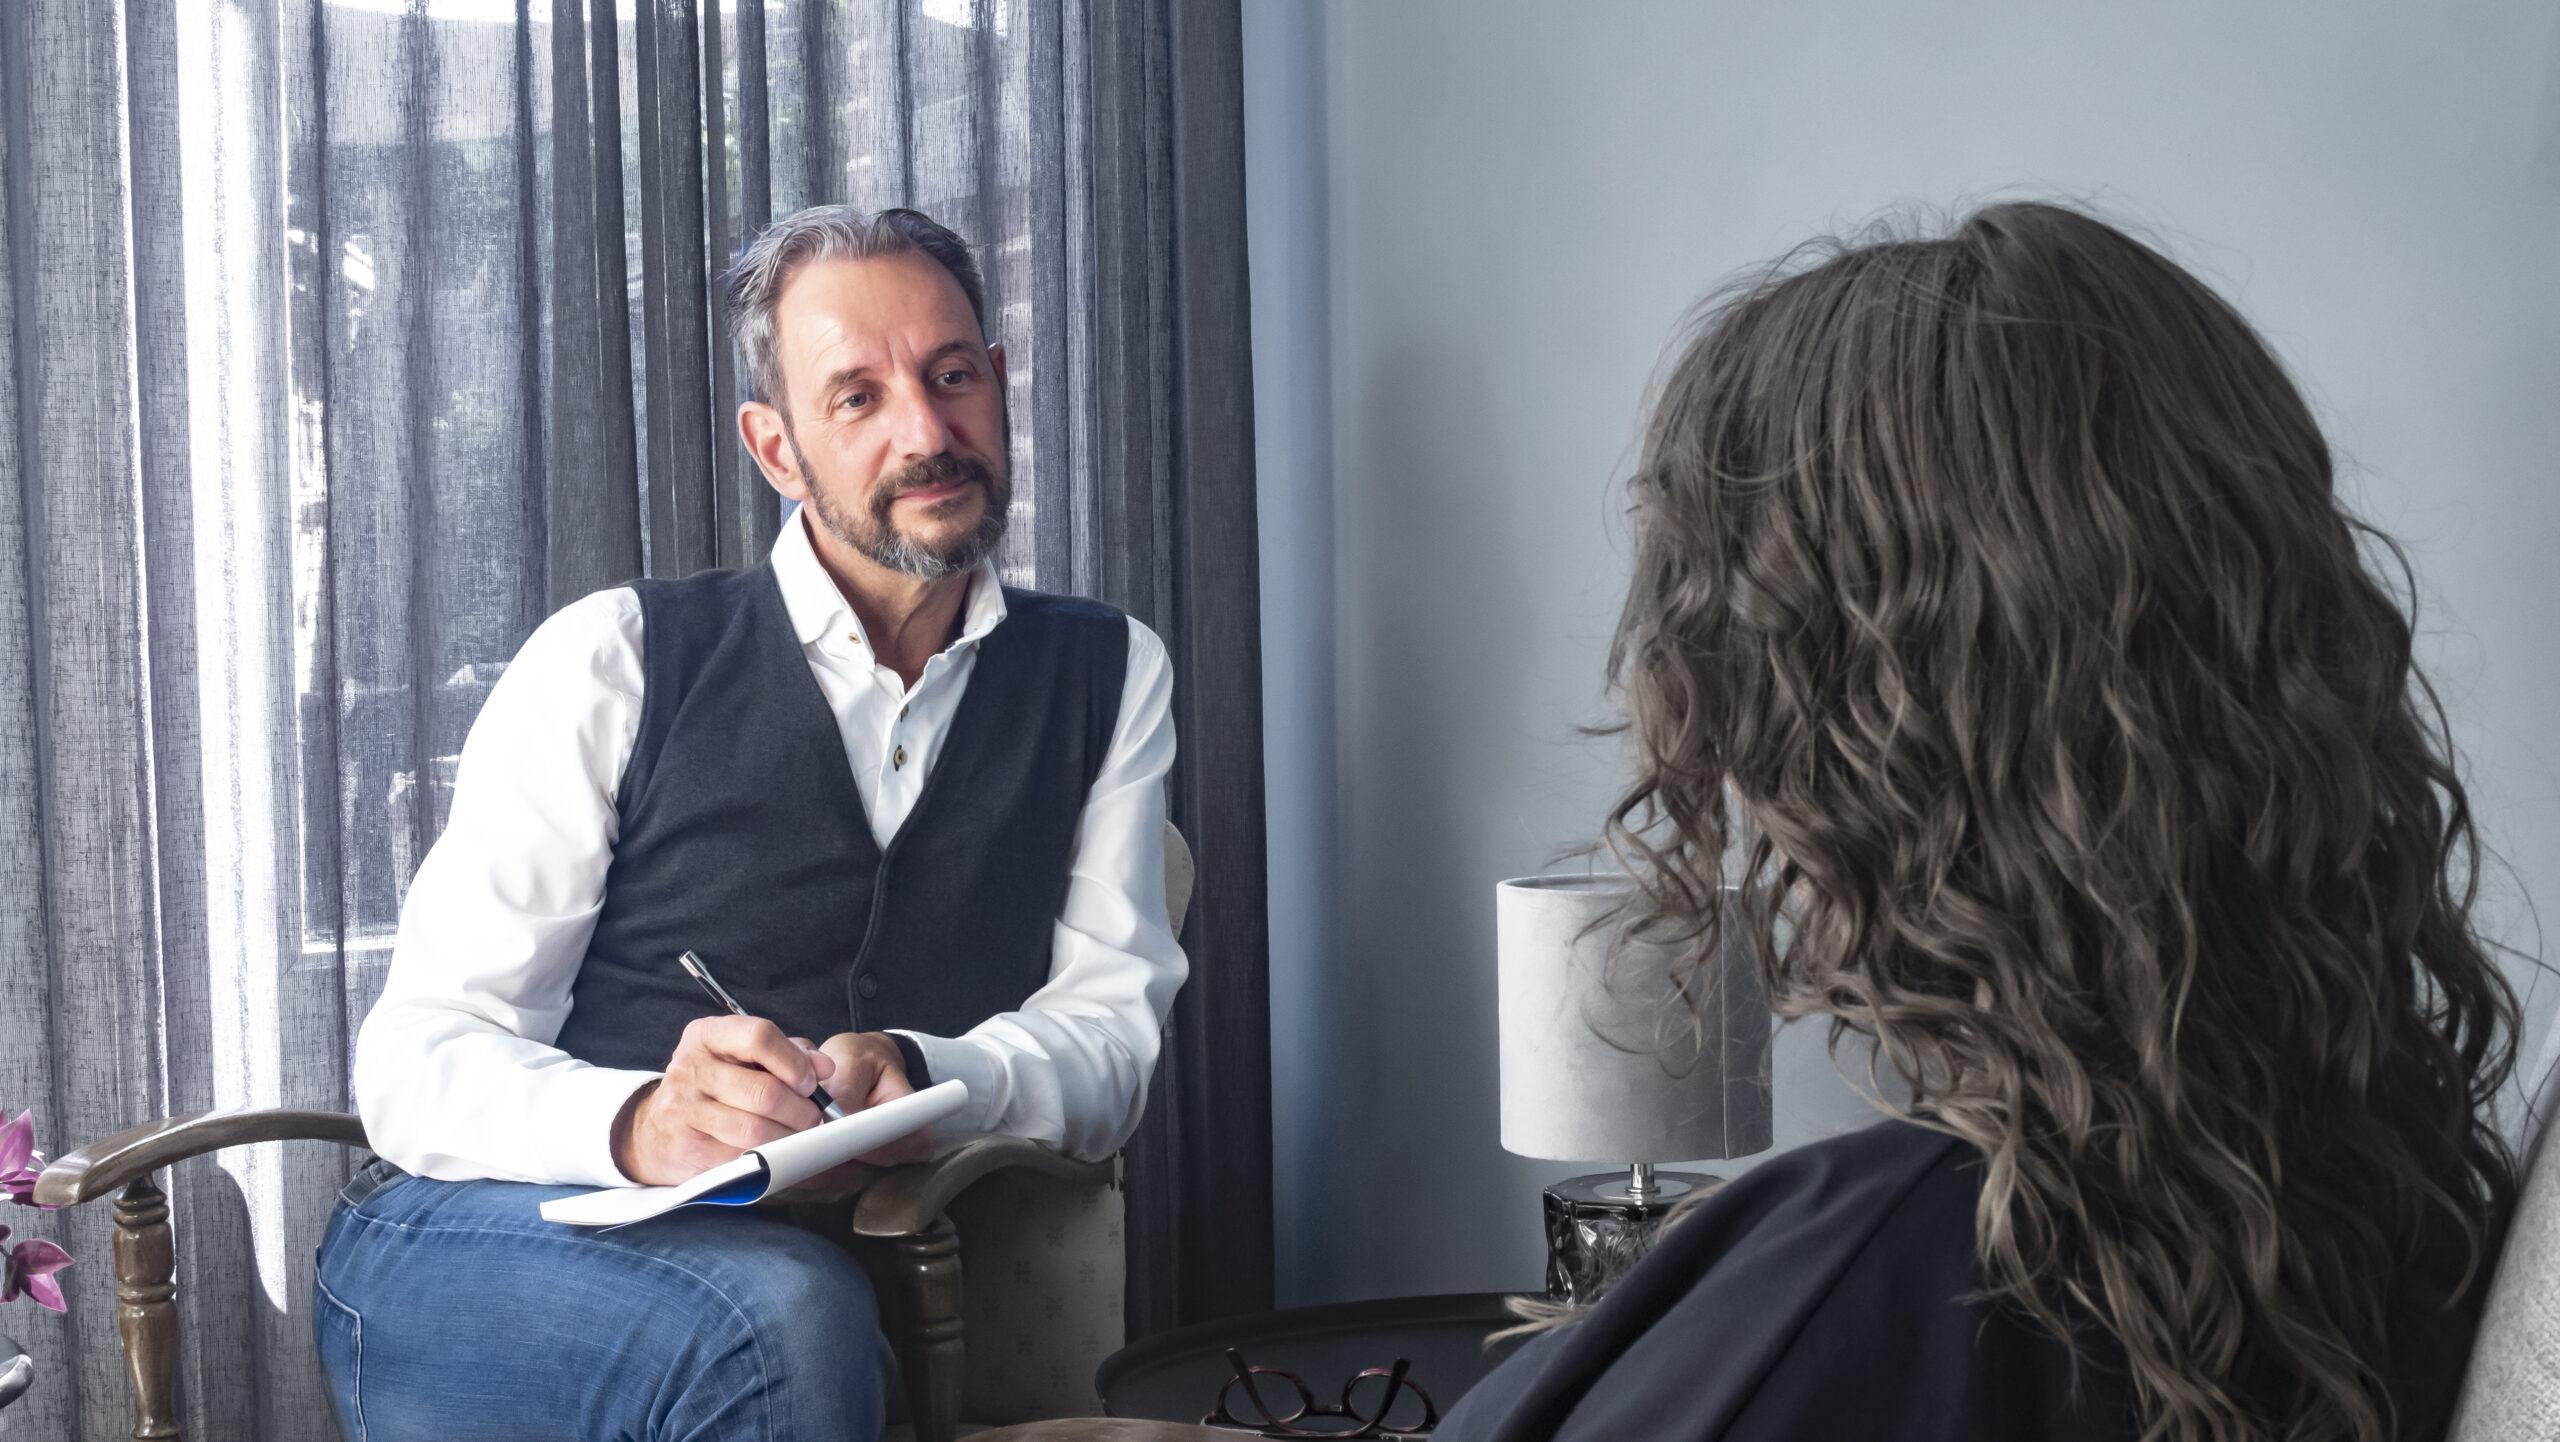 werkwijze-coaching-overijssel-gelderland